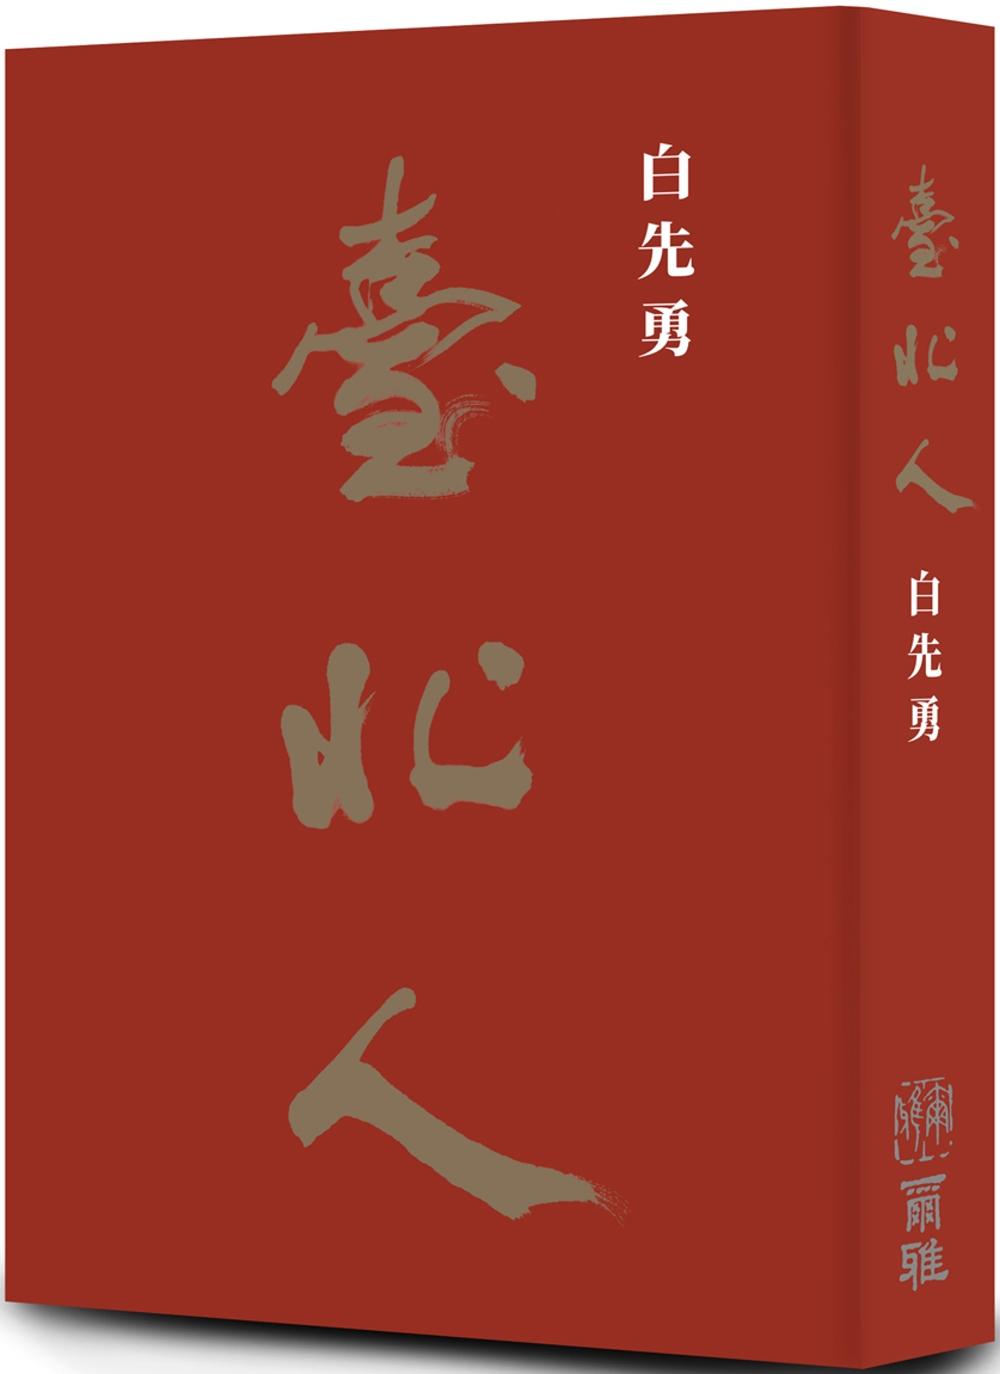 《臺北人》五十週年精裝紀念版簽...